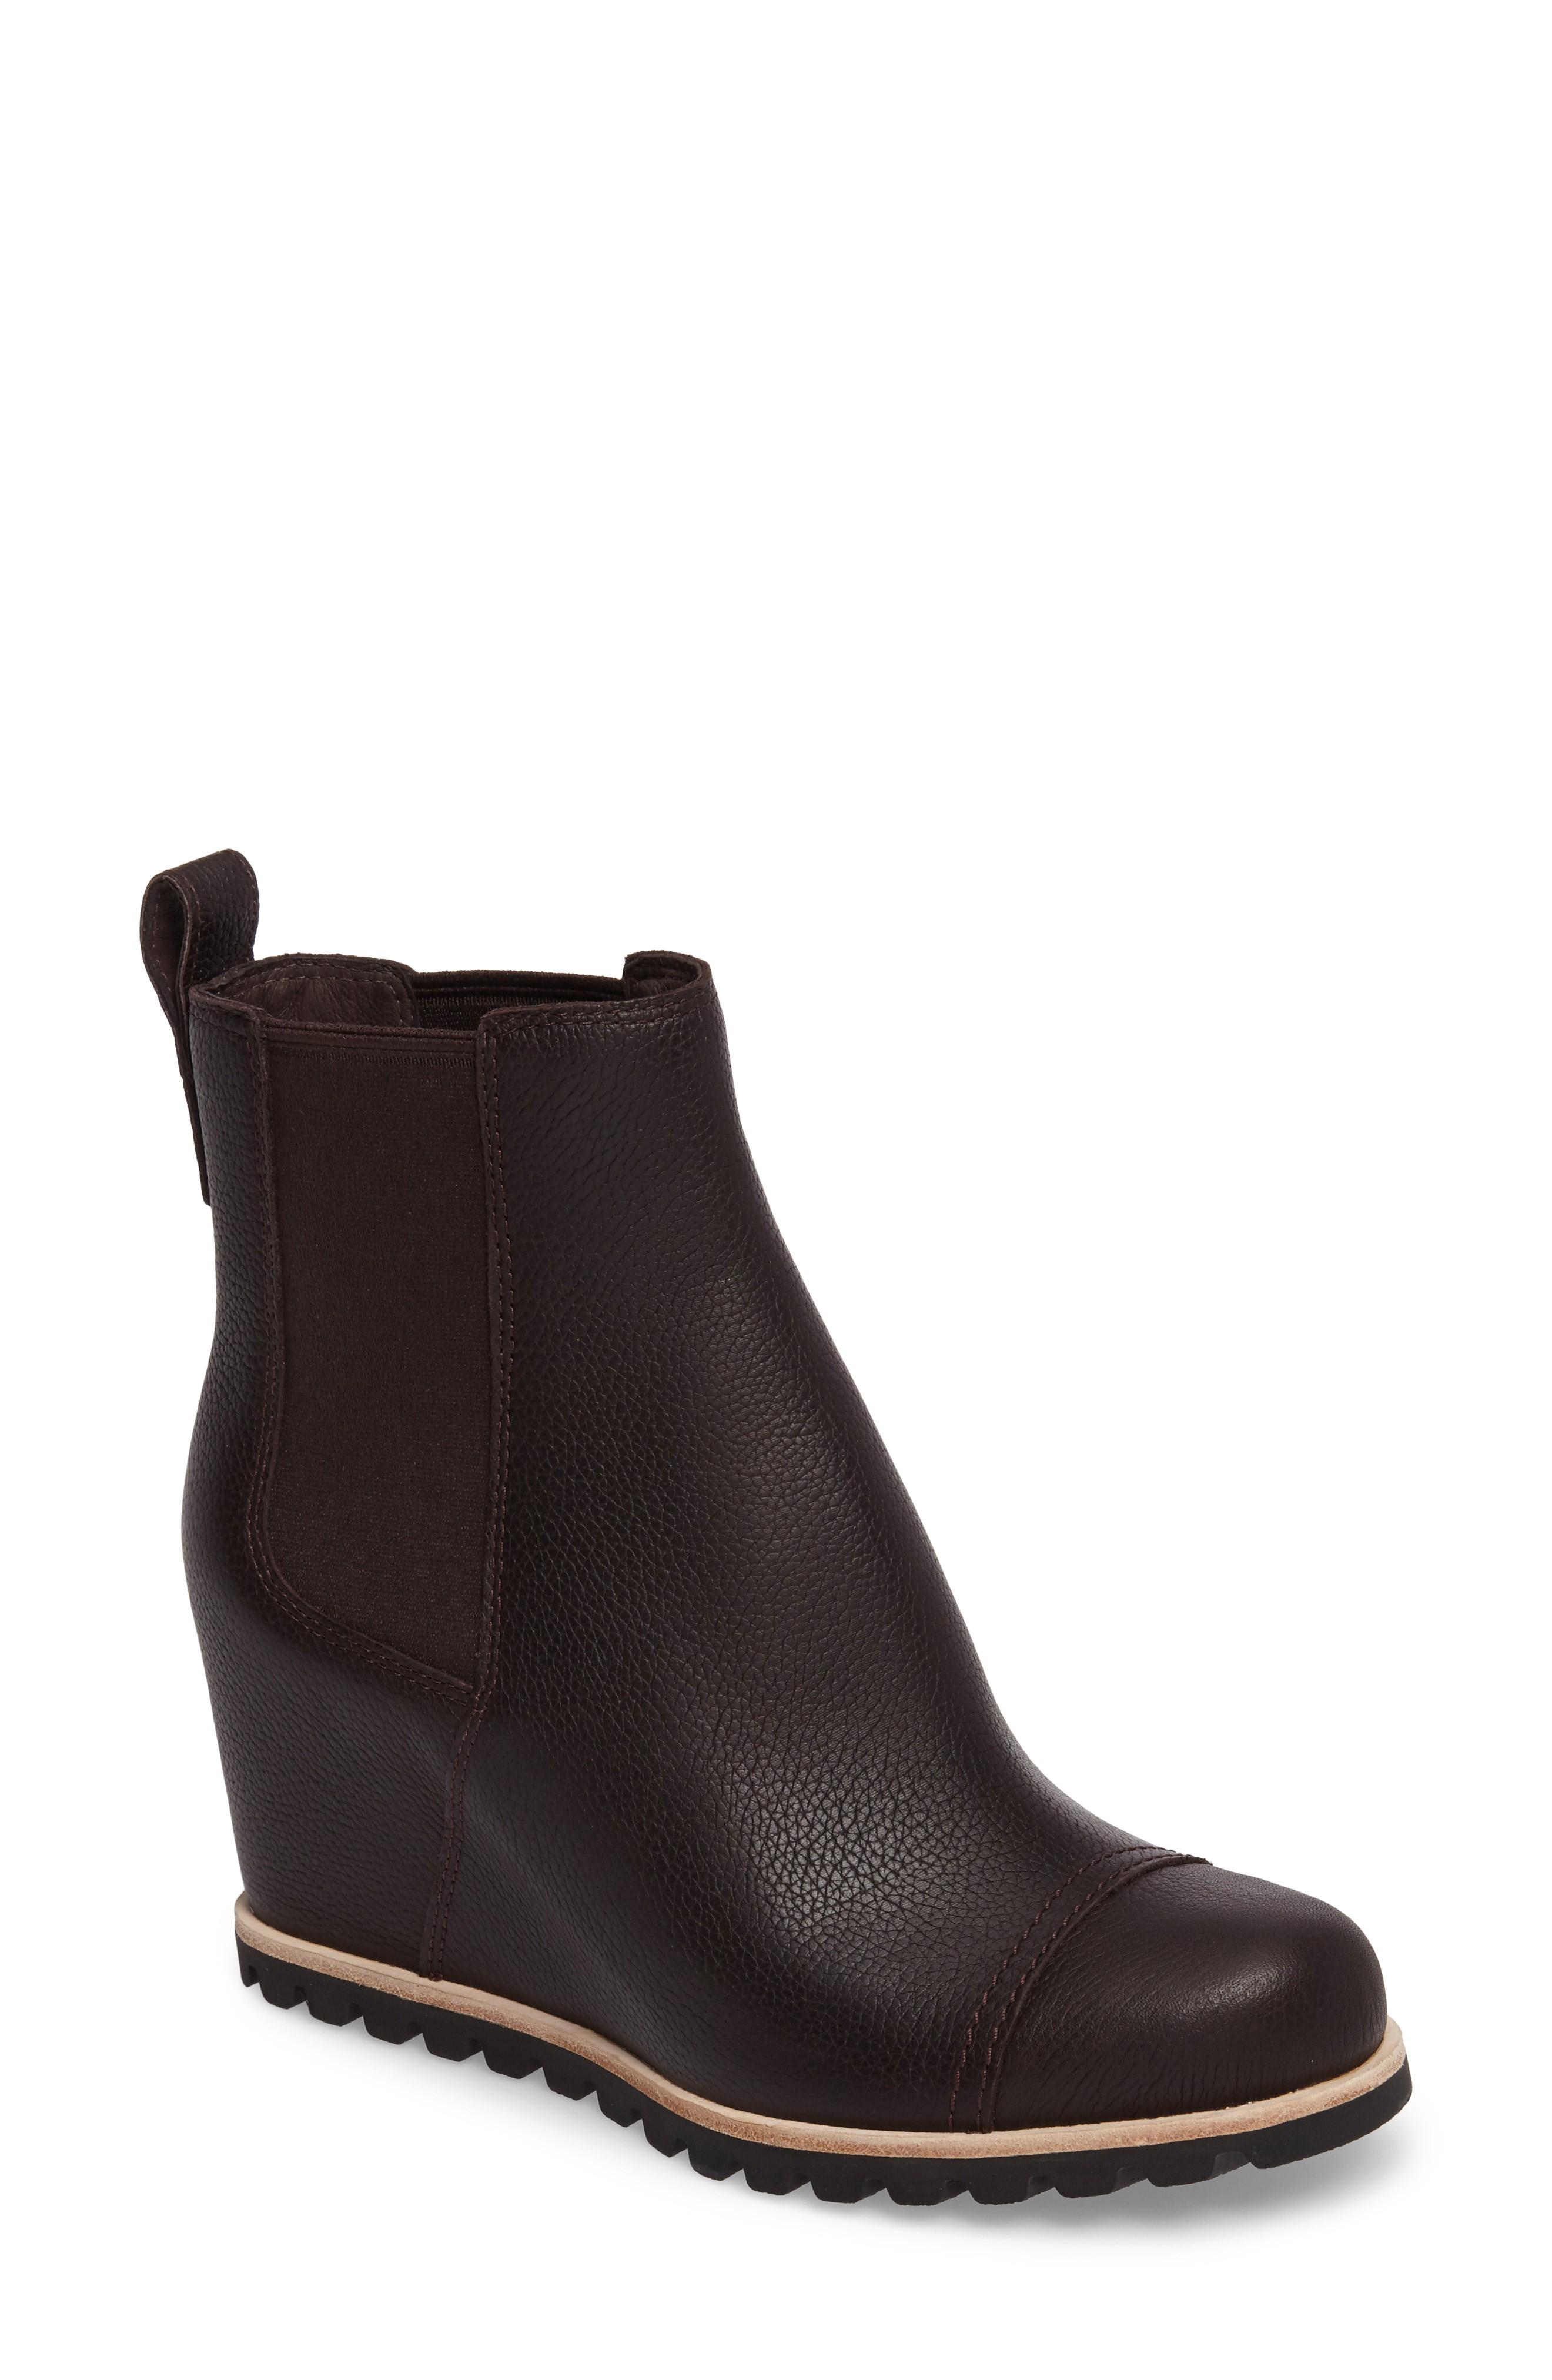 wedge boots ugg® pax waterproof wedge boot (women)   nordstrom tglderr